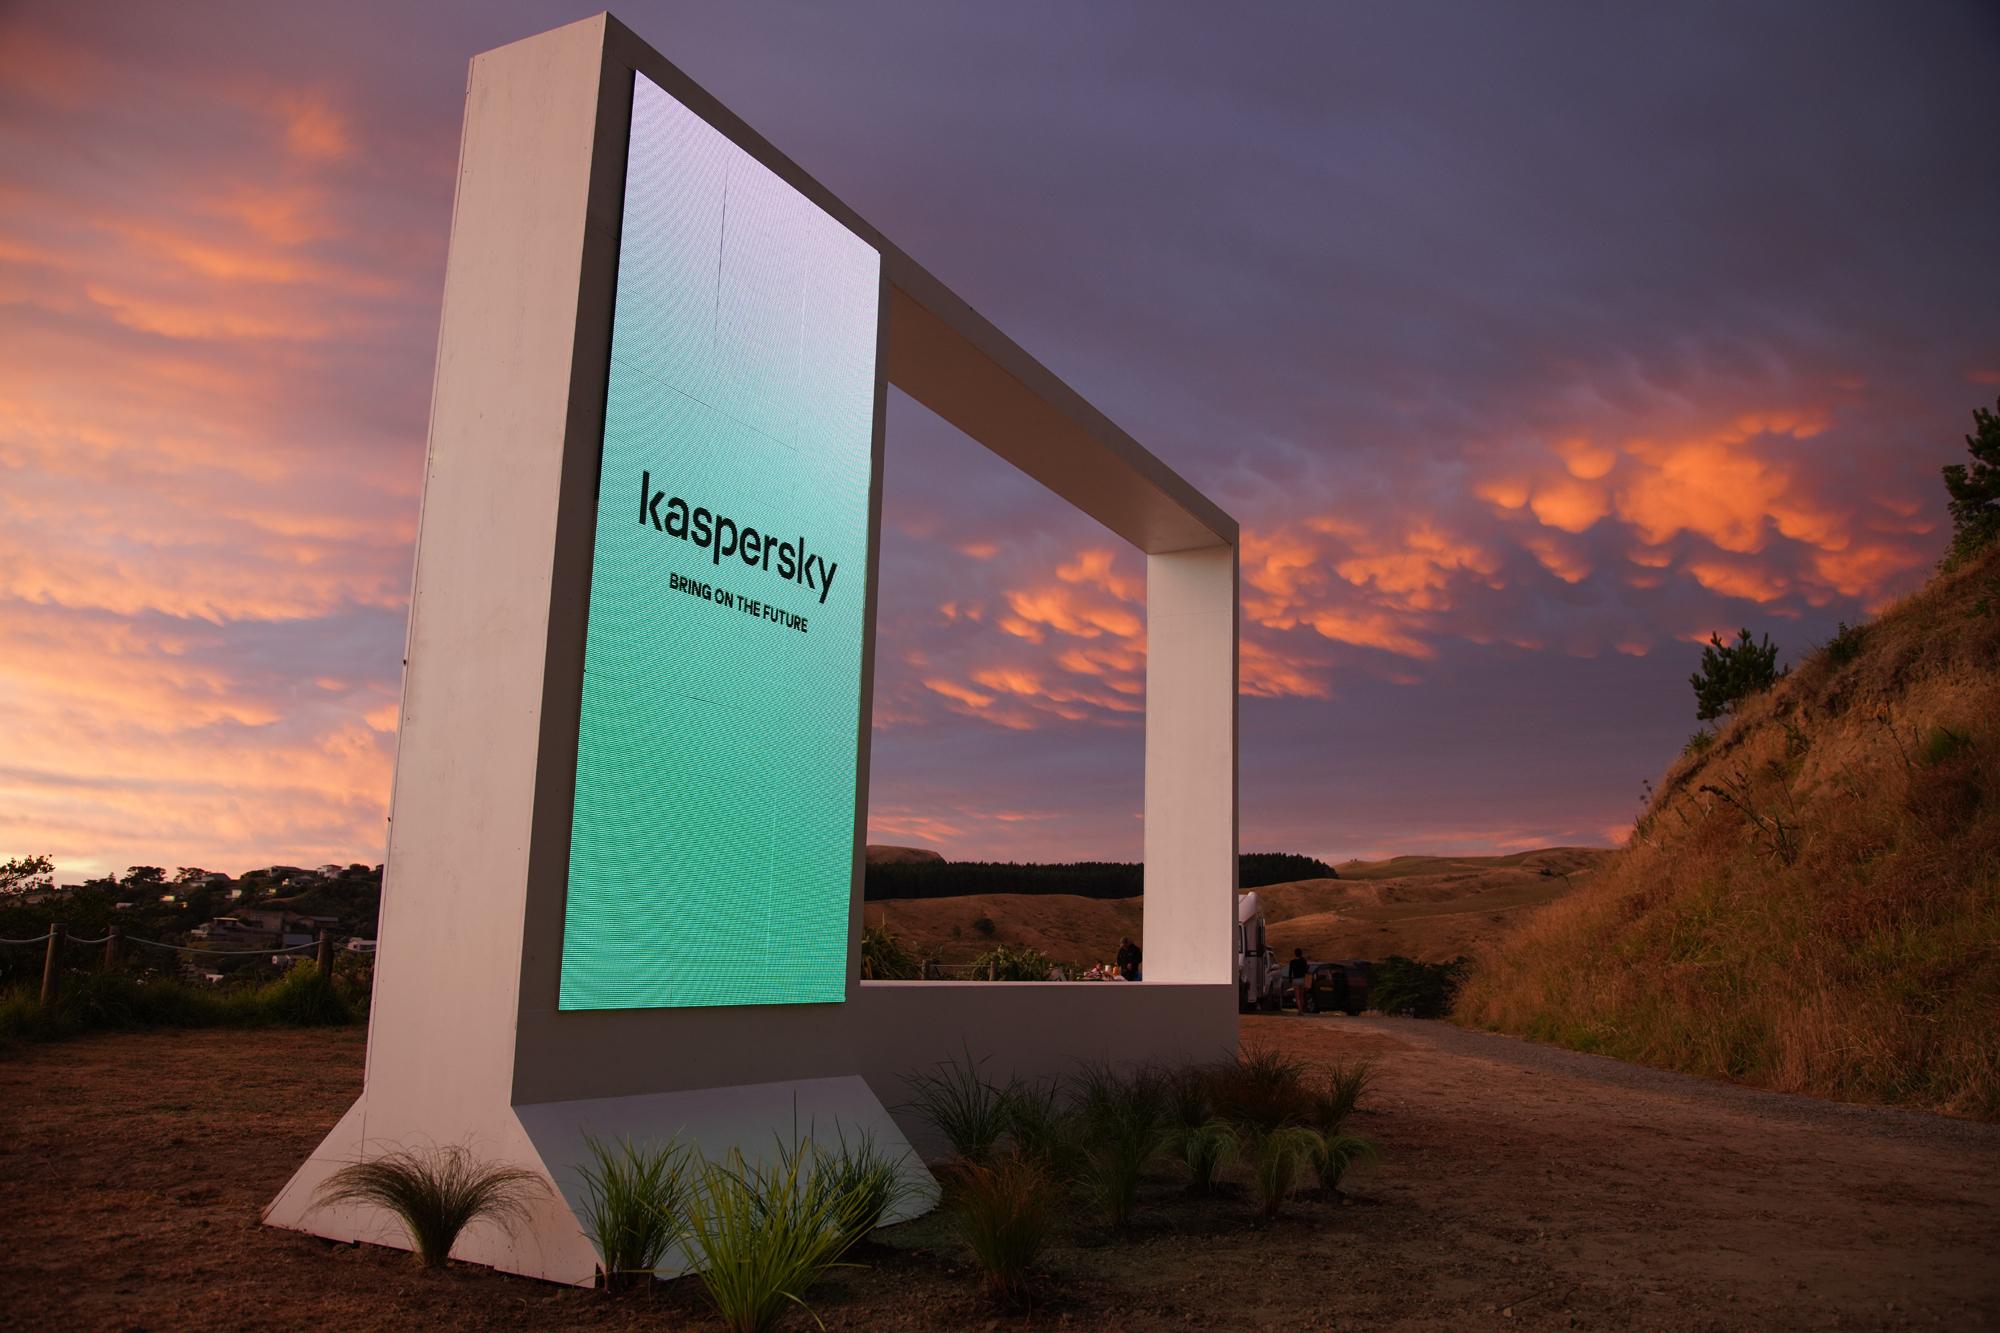 La piattaforma ideata da kaspersky per predire il futuro si trova sulle coste dell'Australia